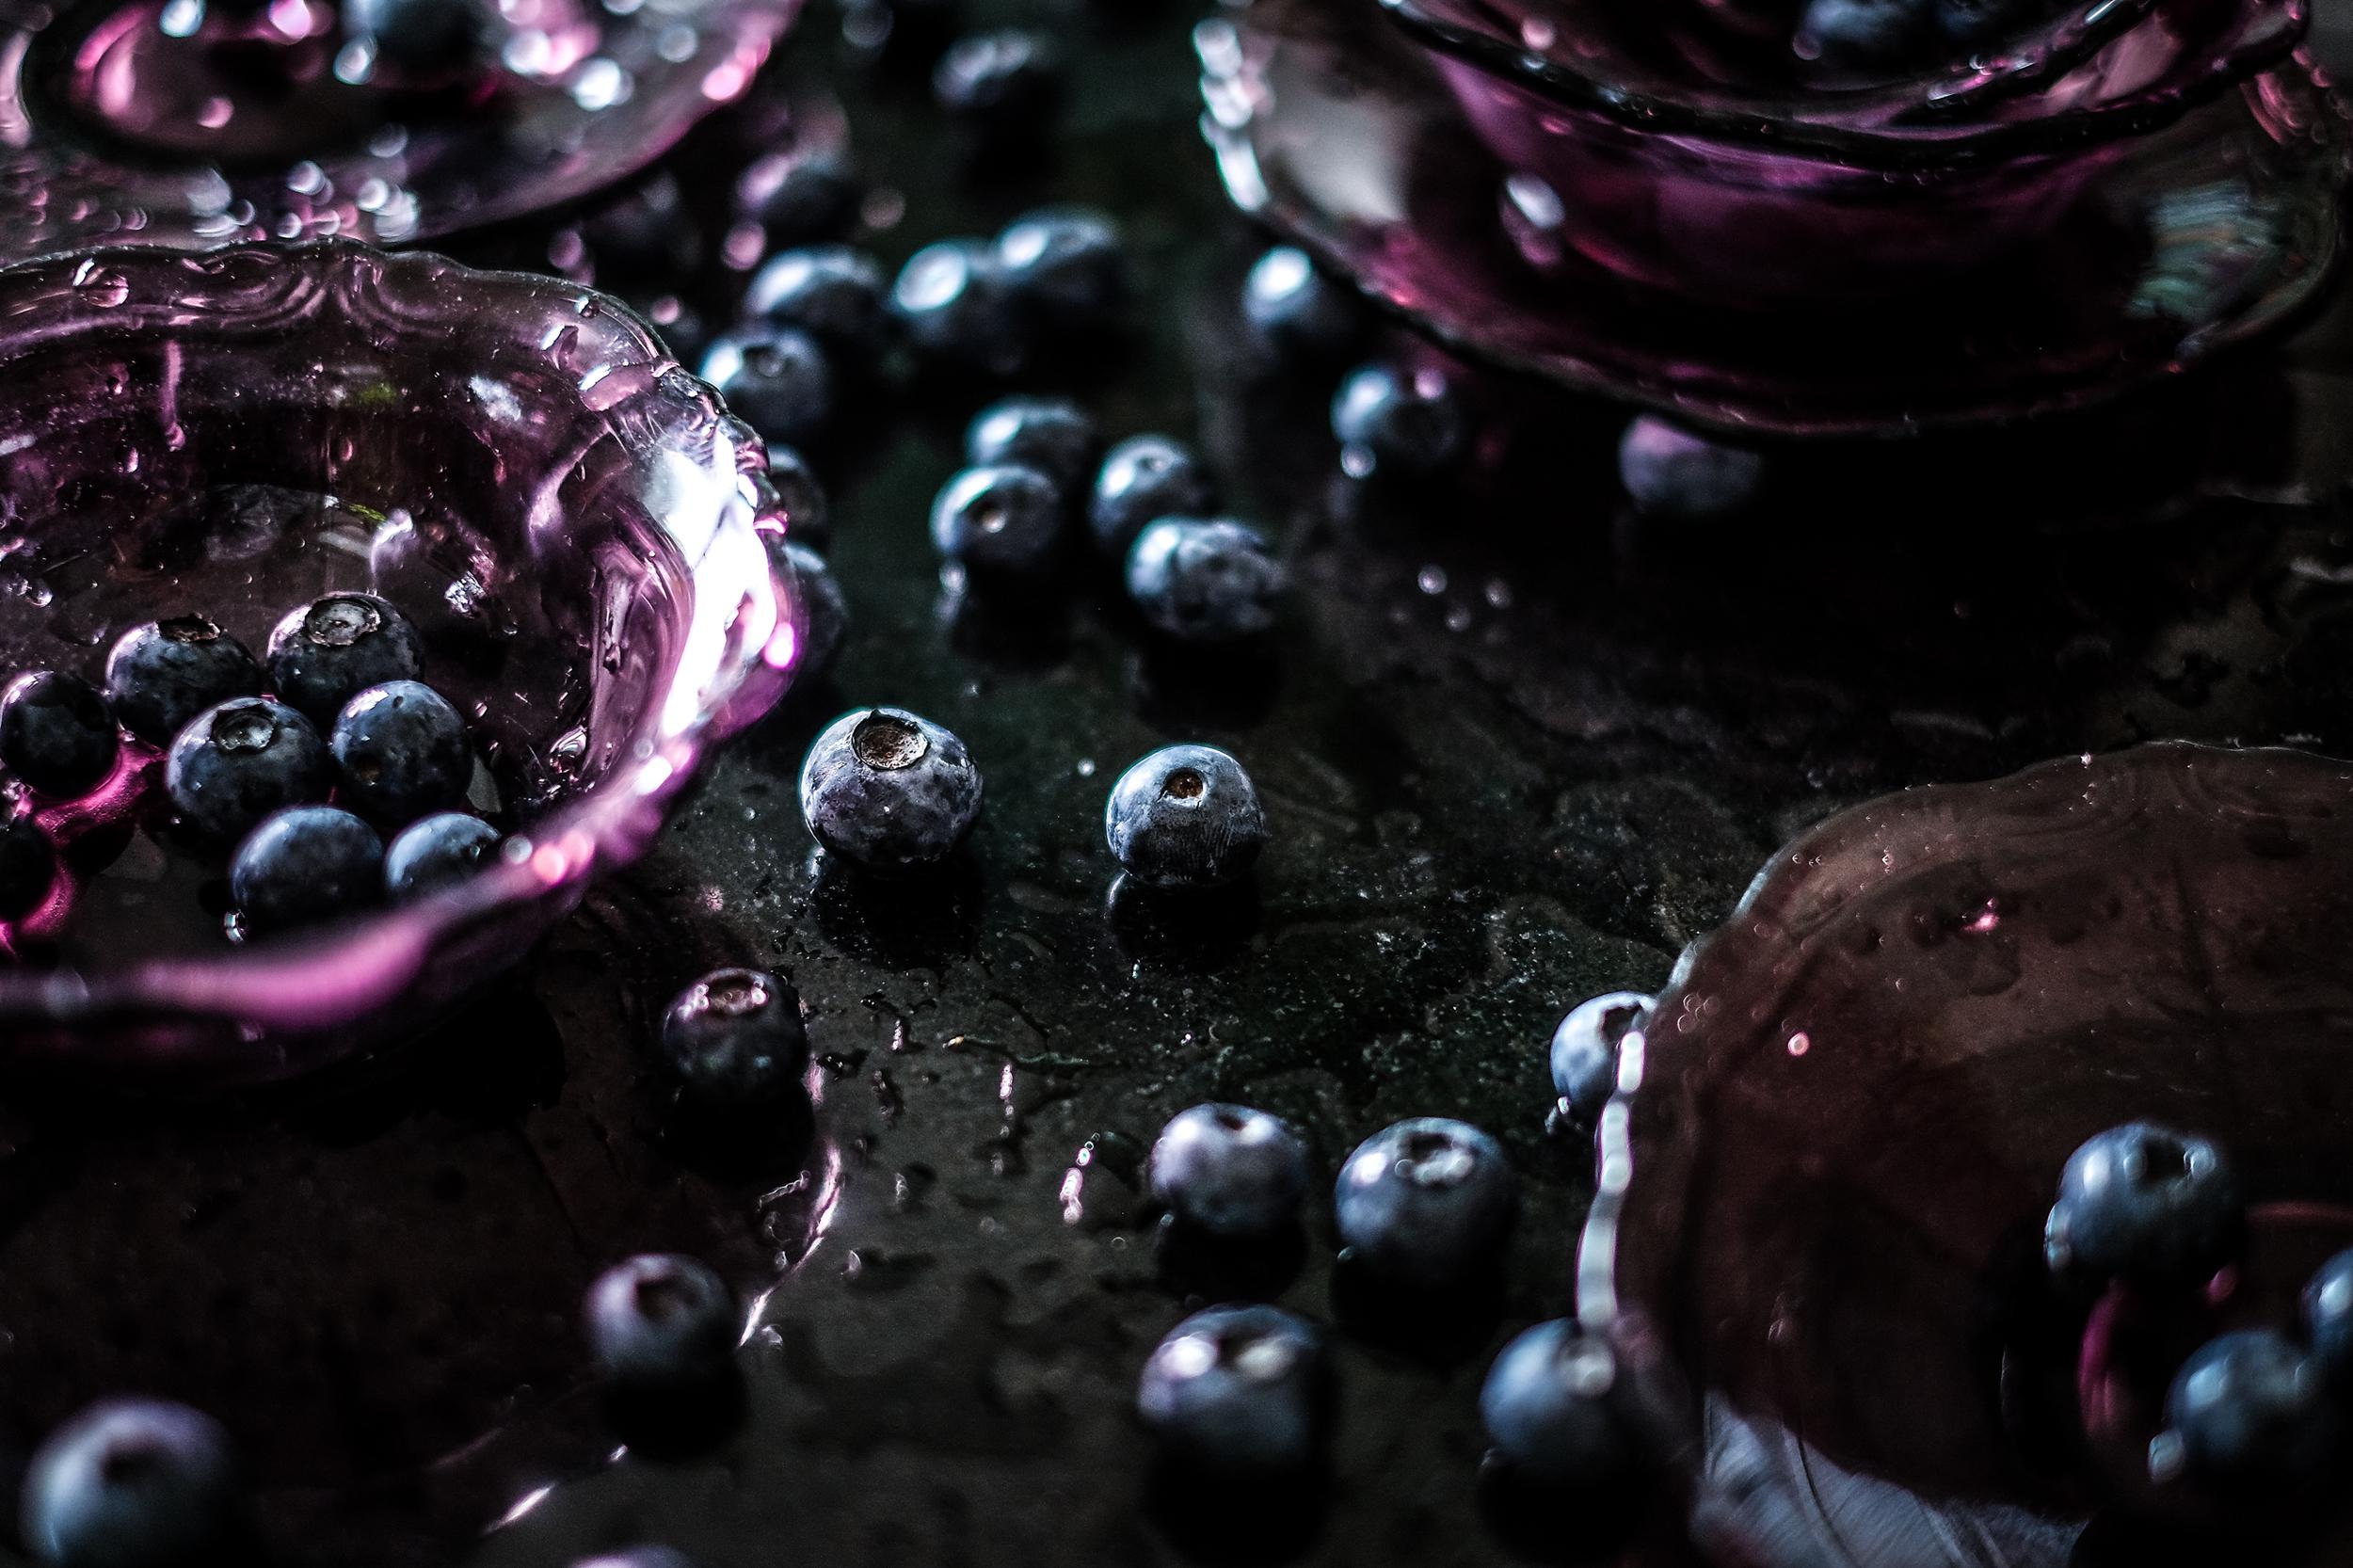 Bakino posuđe i Rokove borovnice - besmrtno & (za)uvijek poželjno